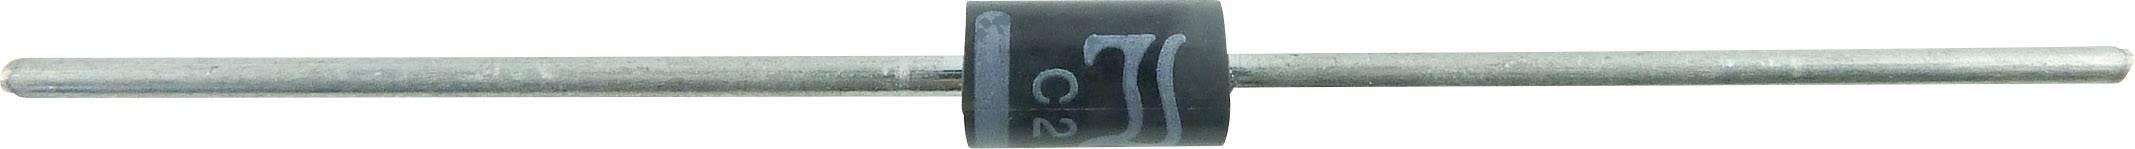 Kremíková usmerňovacia dióda Diotec 1N5408 1N5408 DO-201, 3 A, 1000 V